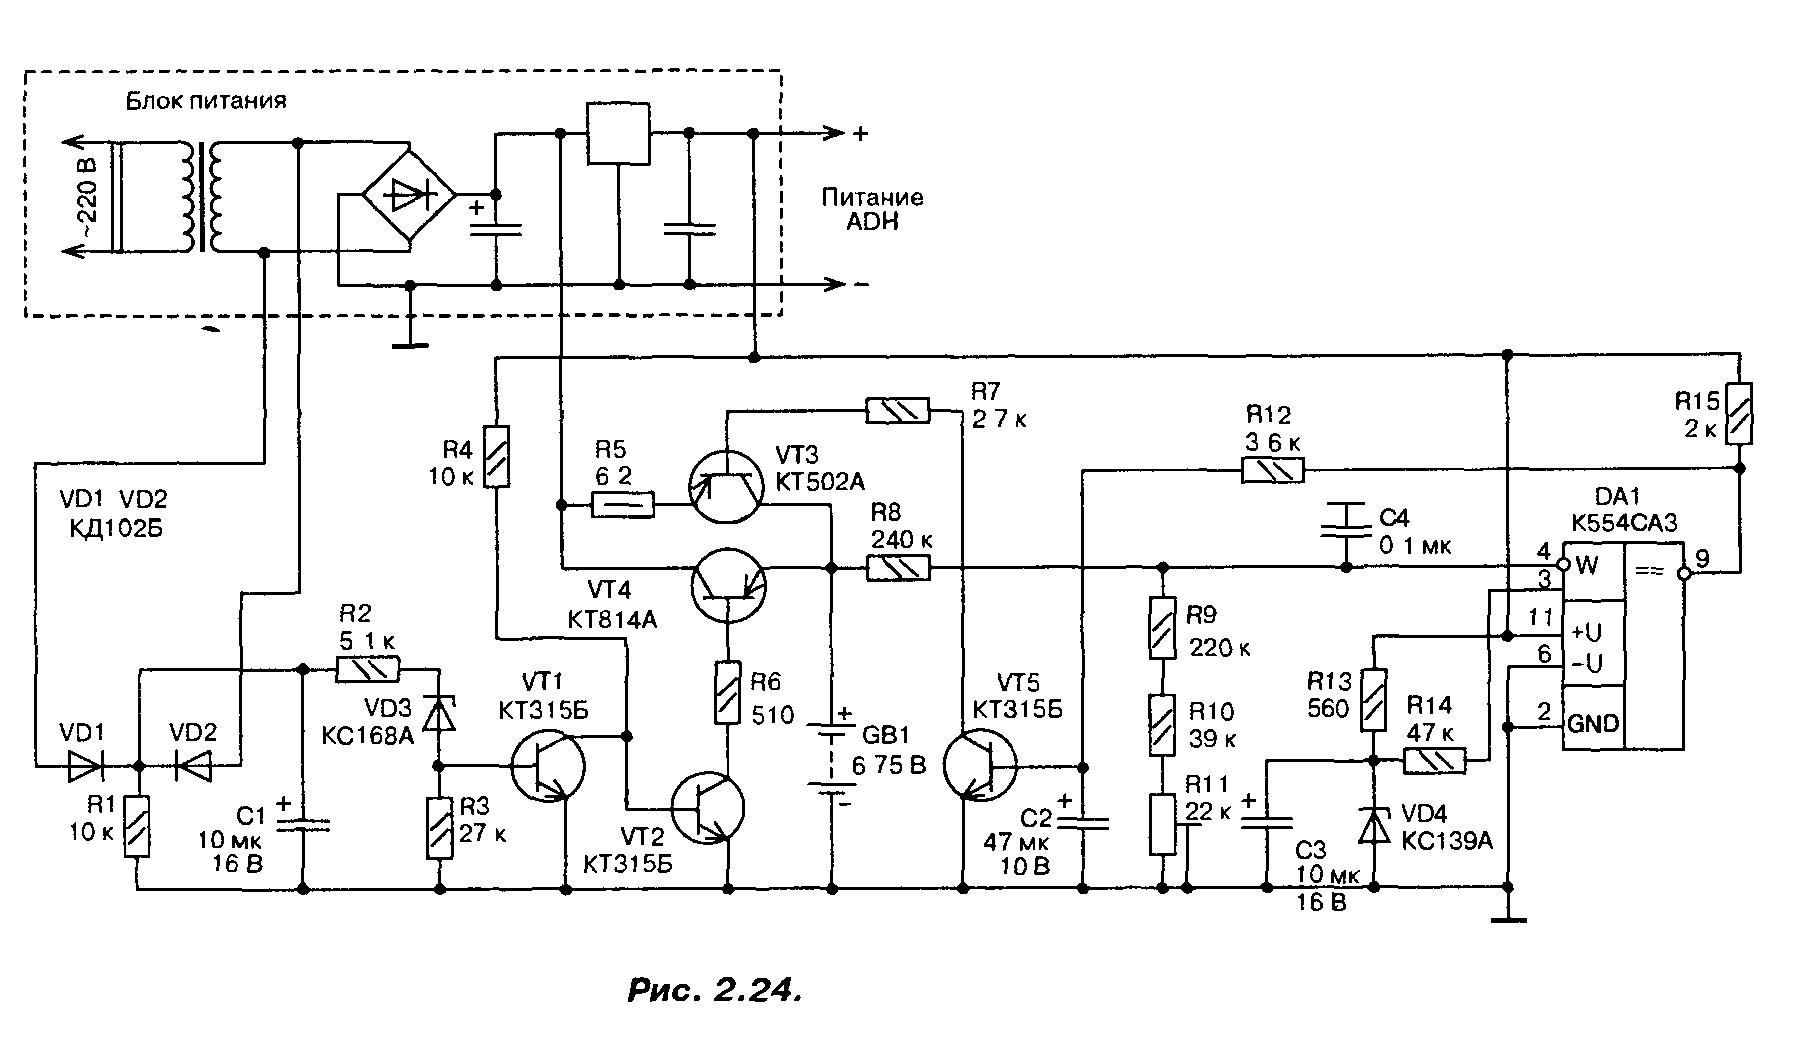 Напряжение на выходе компаратора падает, что приводит к значительному уменьшению зарядного тока.